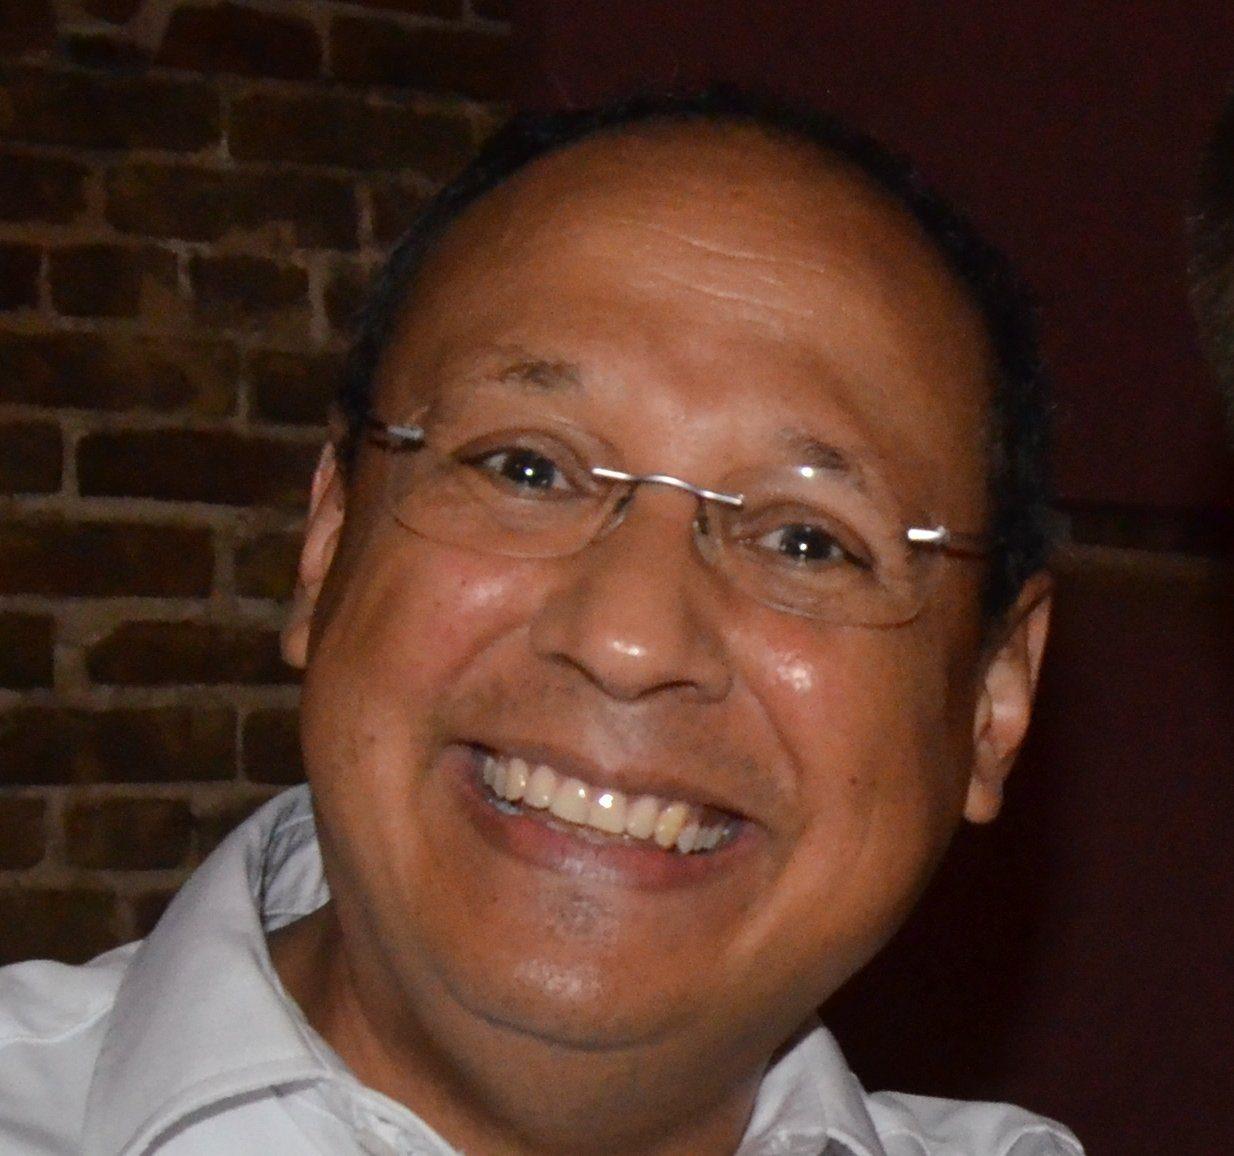 Moises Molina